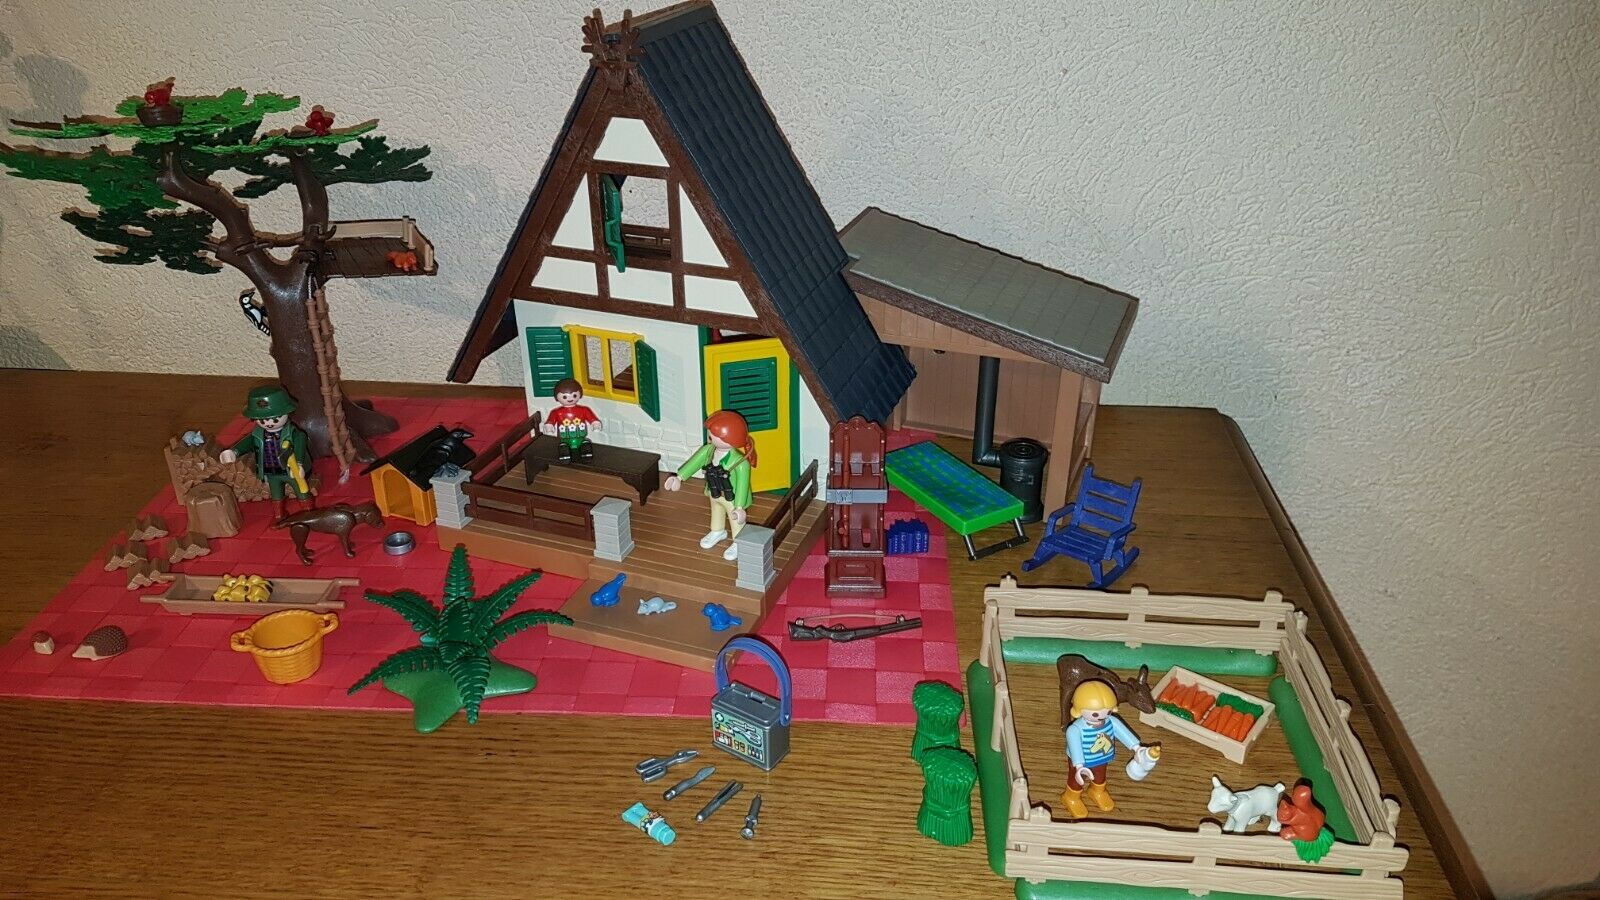 Playmobil - 4207 - Maison forestière - Compléte - Boite